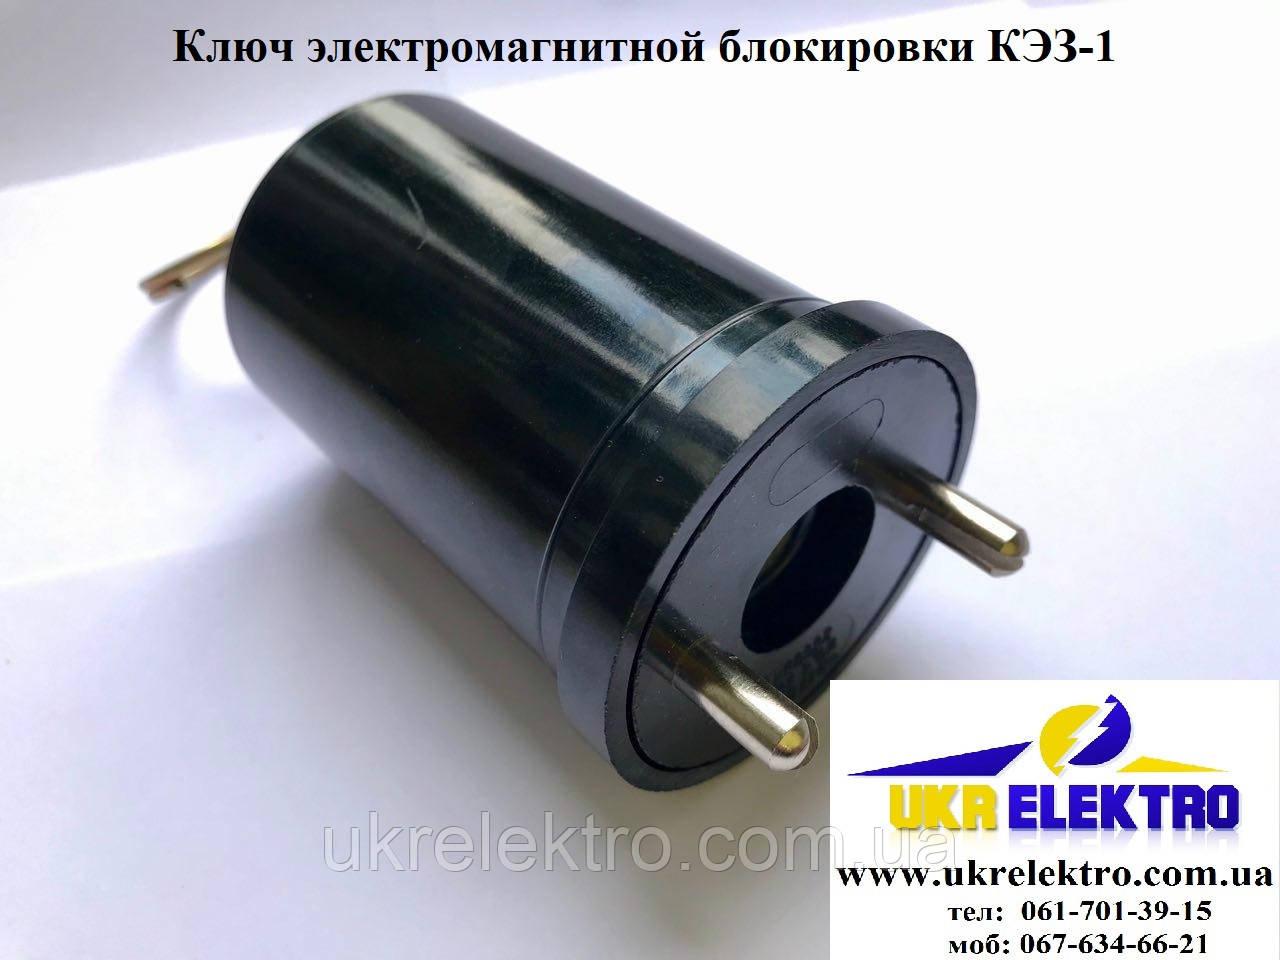 Ключ электромагнитной блокировки КЭЗ-1-110DC-УХЛ3  КЕЗ - 1 110В.